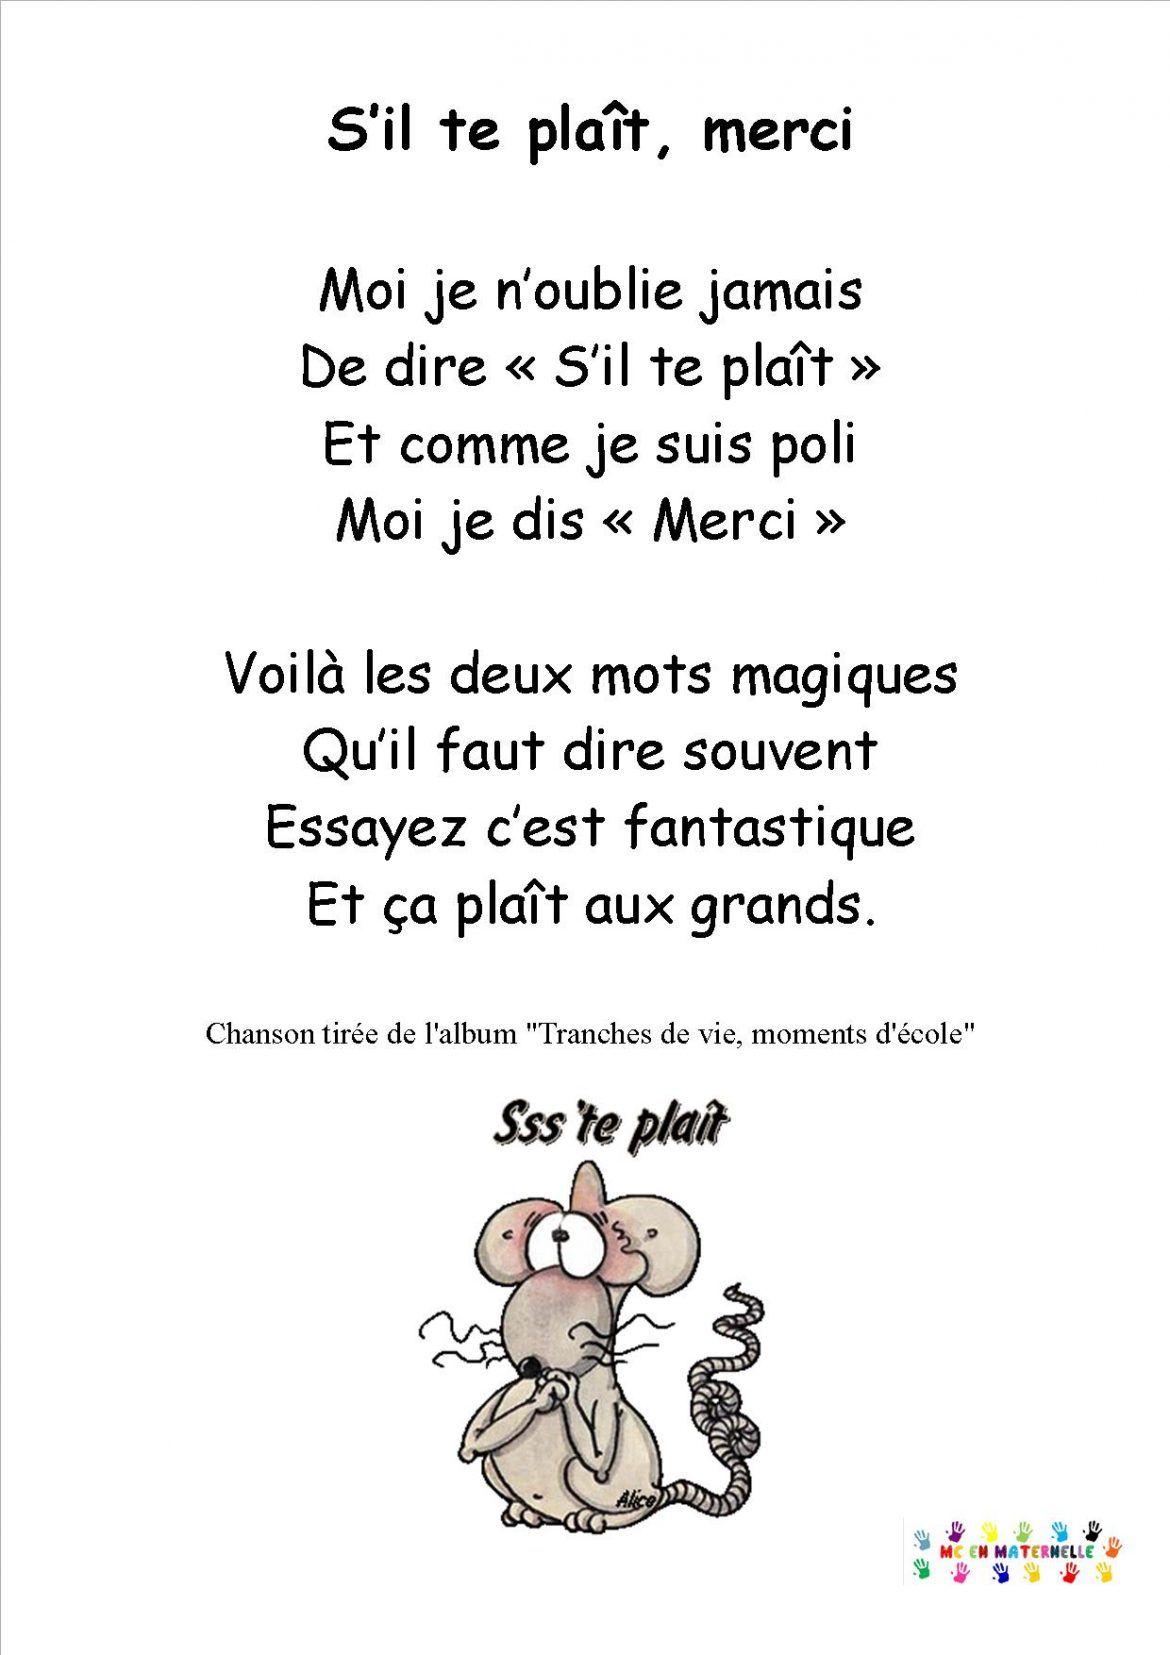 Très petits-mots-magiques | Chansons | Pinterest | Petit mot, Magique  YQ01